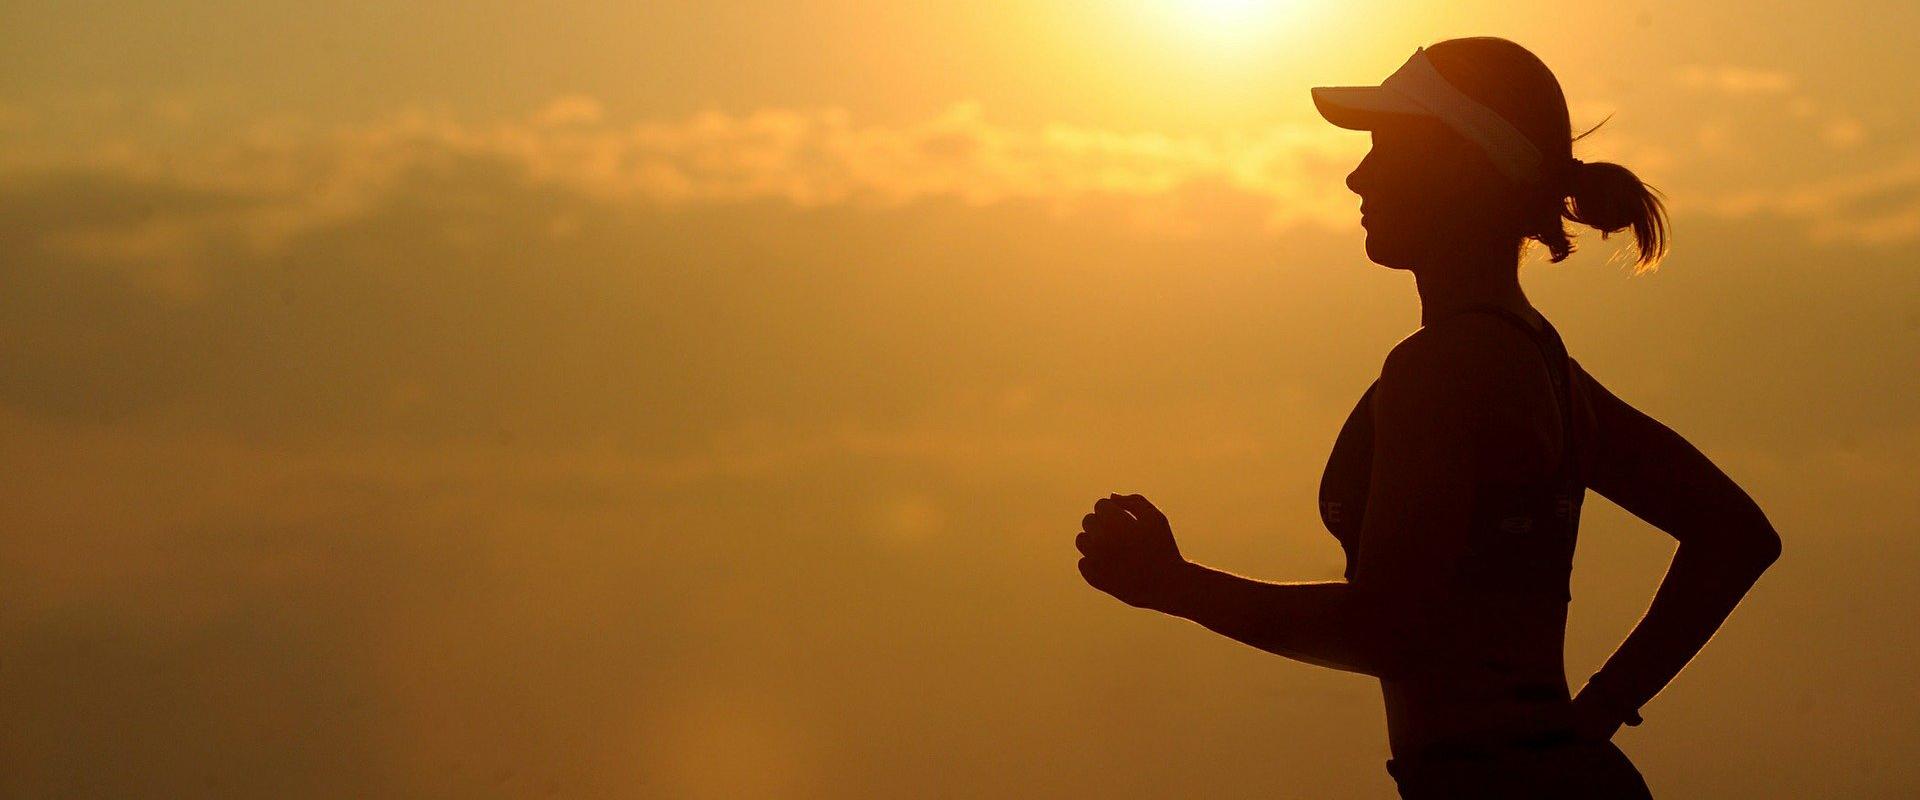 Ortopedia e Traumatologia Esportiva